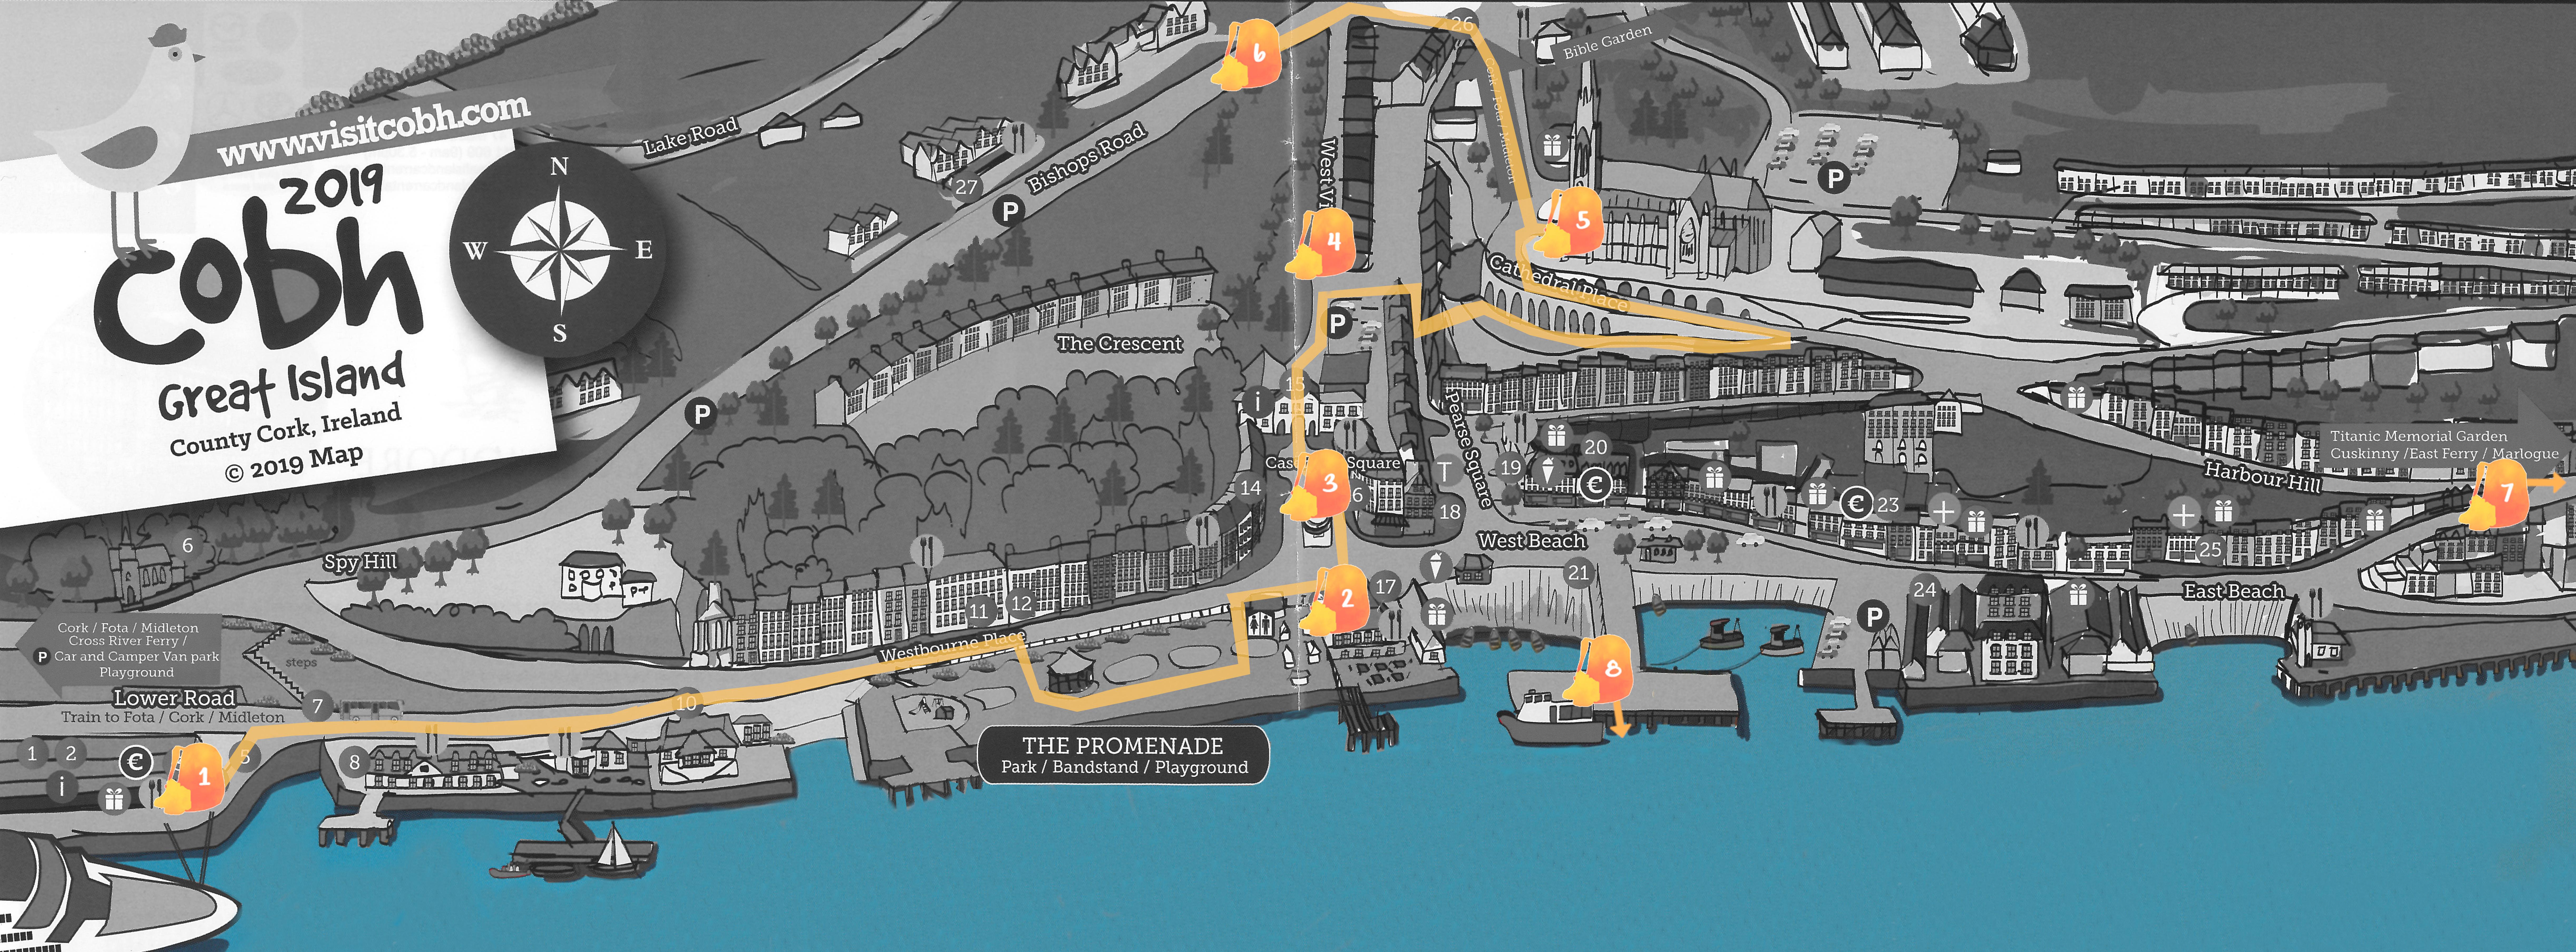 Mapa de Cobh con la ruta señalada